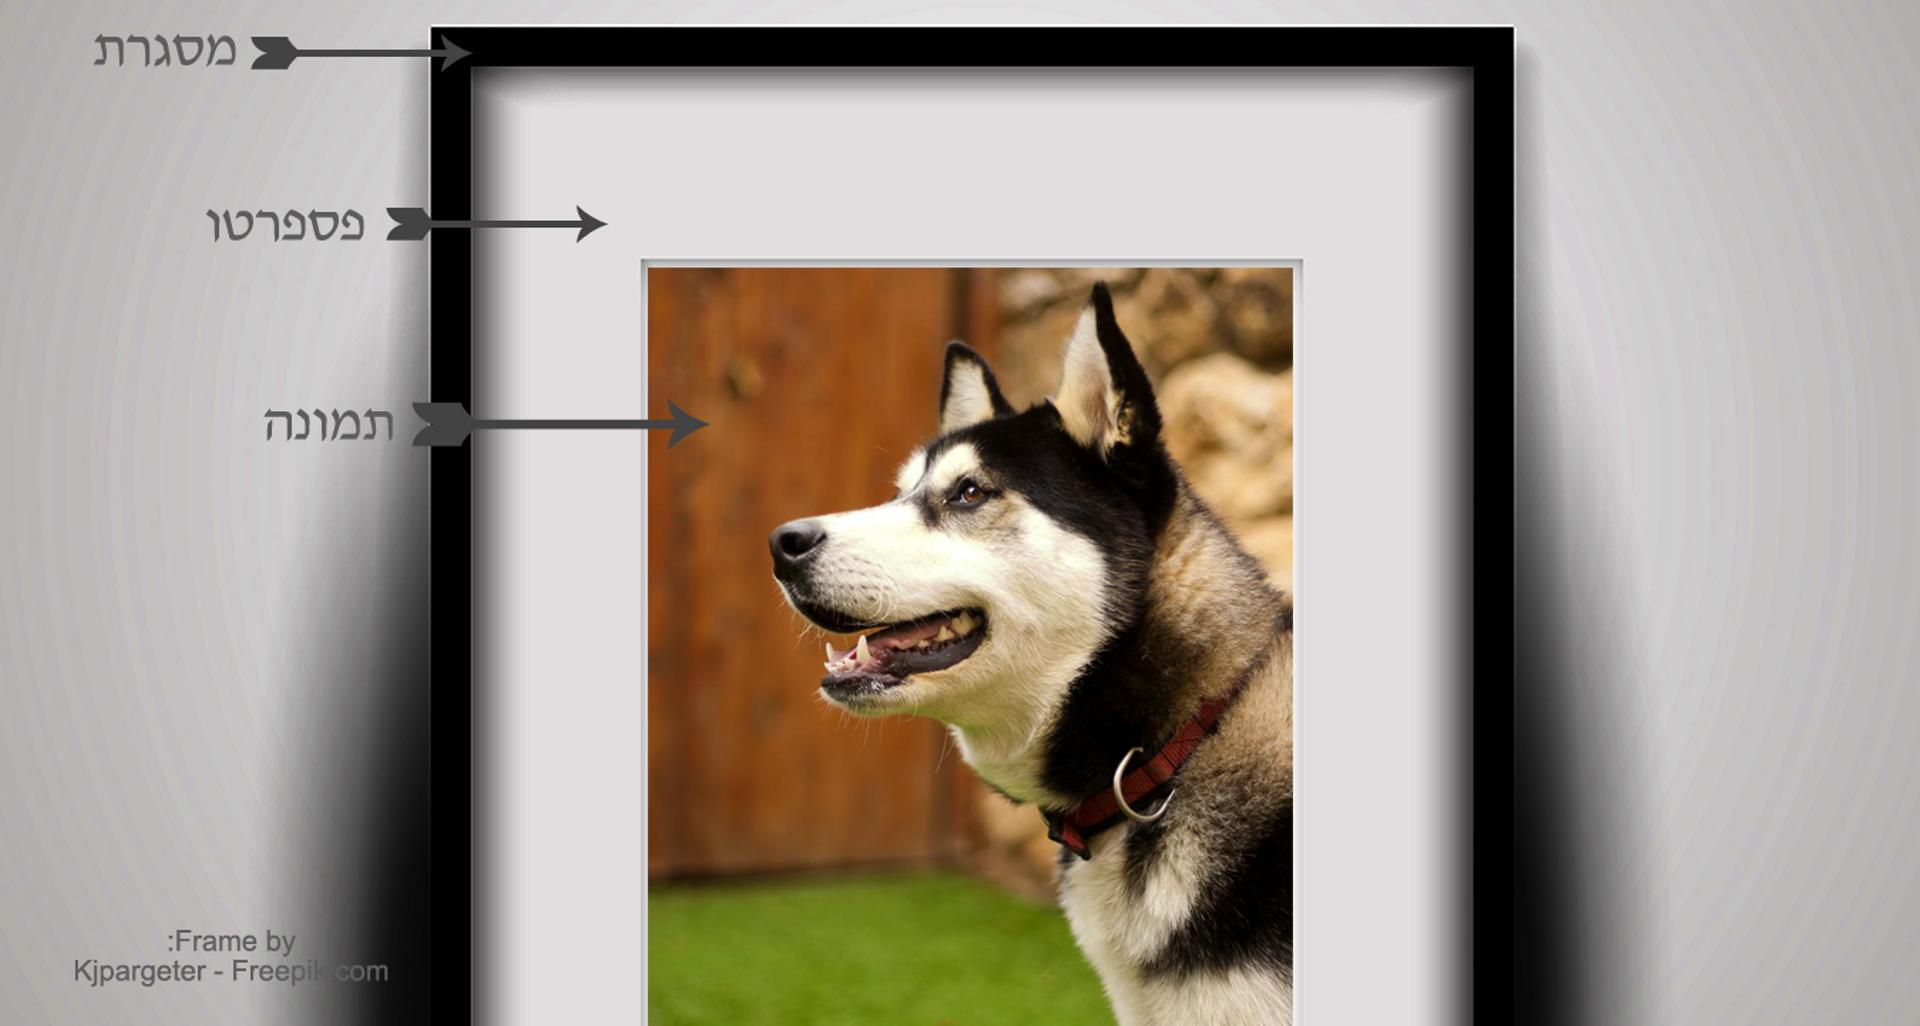 =מסגרת תמונה איכותית דגם FR9197, כולל הדפסת תמונה.